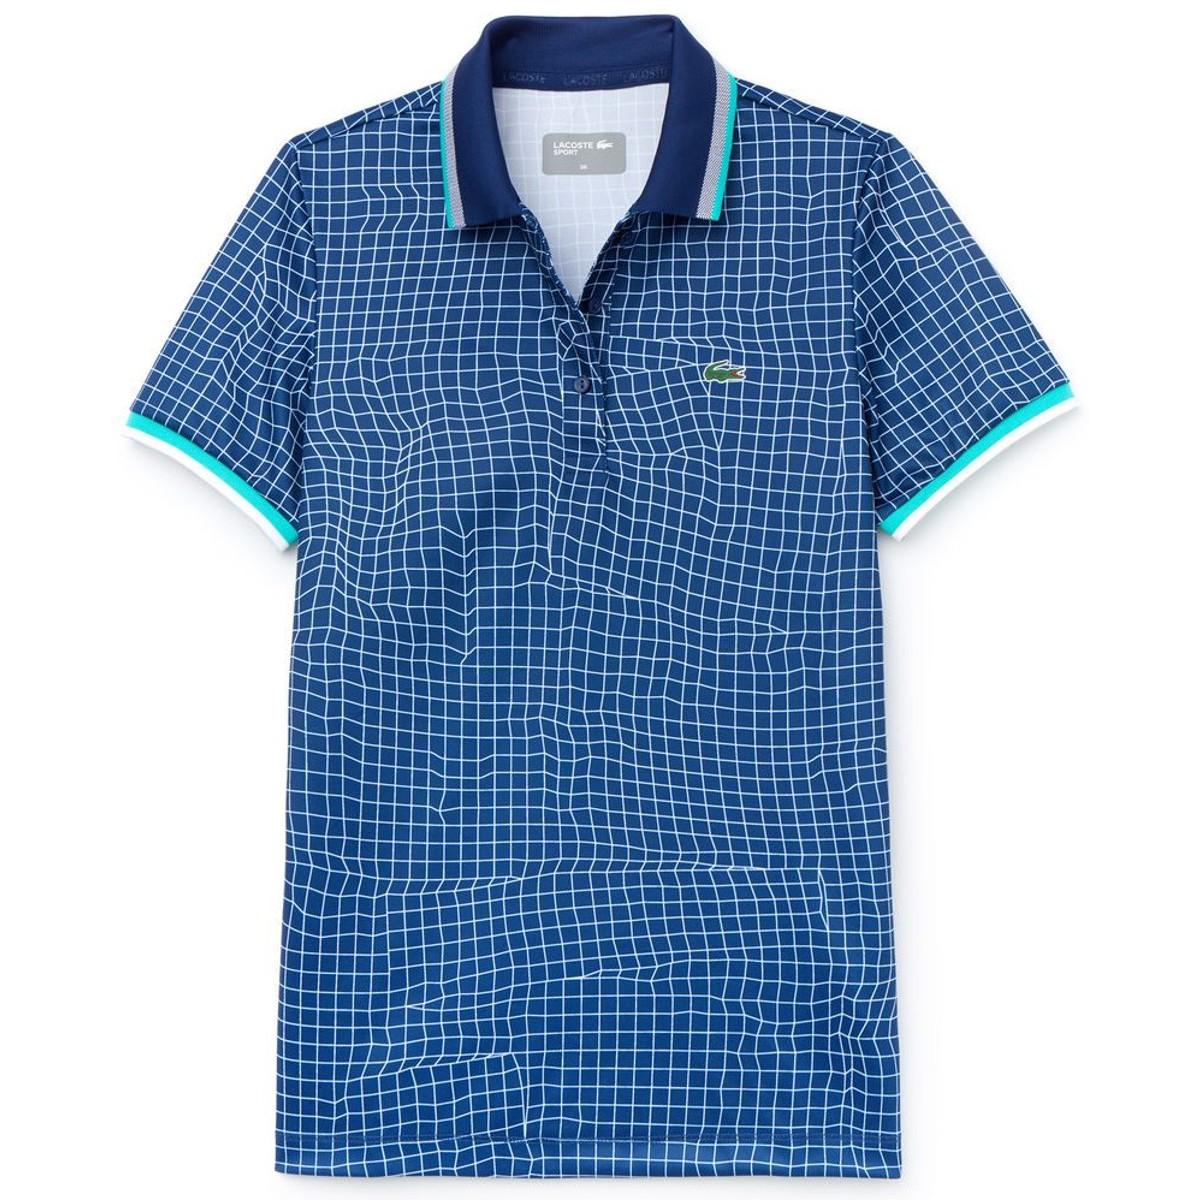 POLO LACOSTE MUJER TENNIS   Tennispro 830425e74f